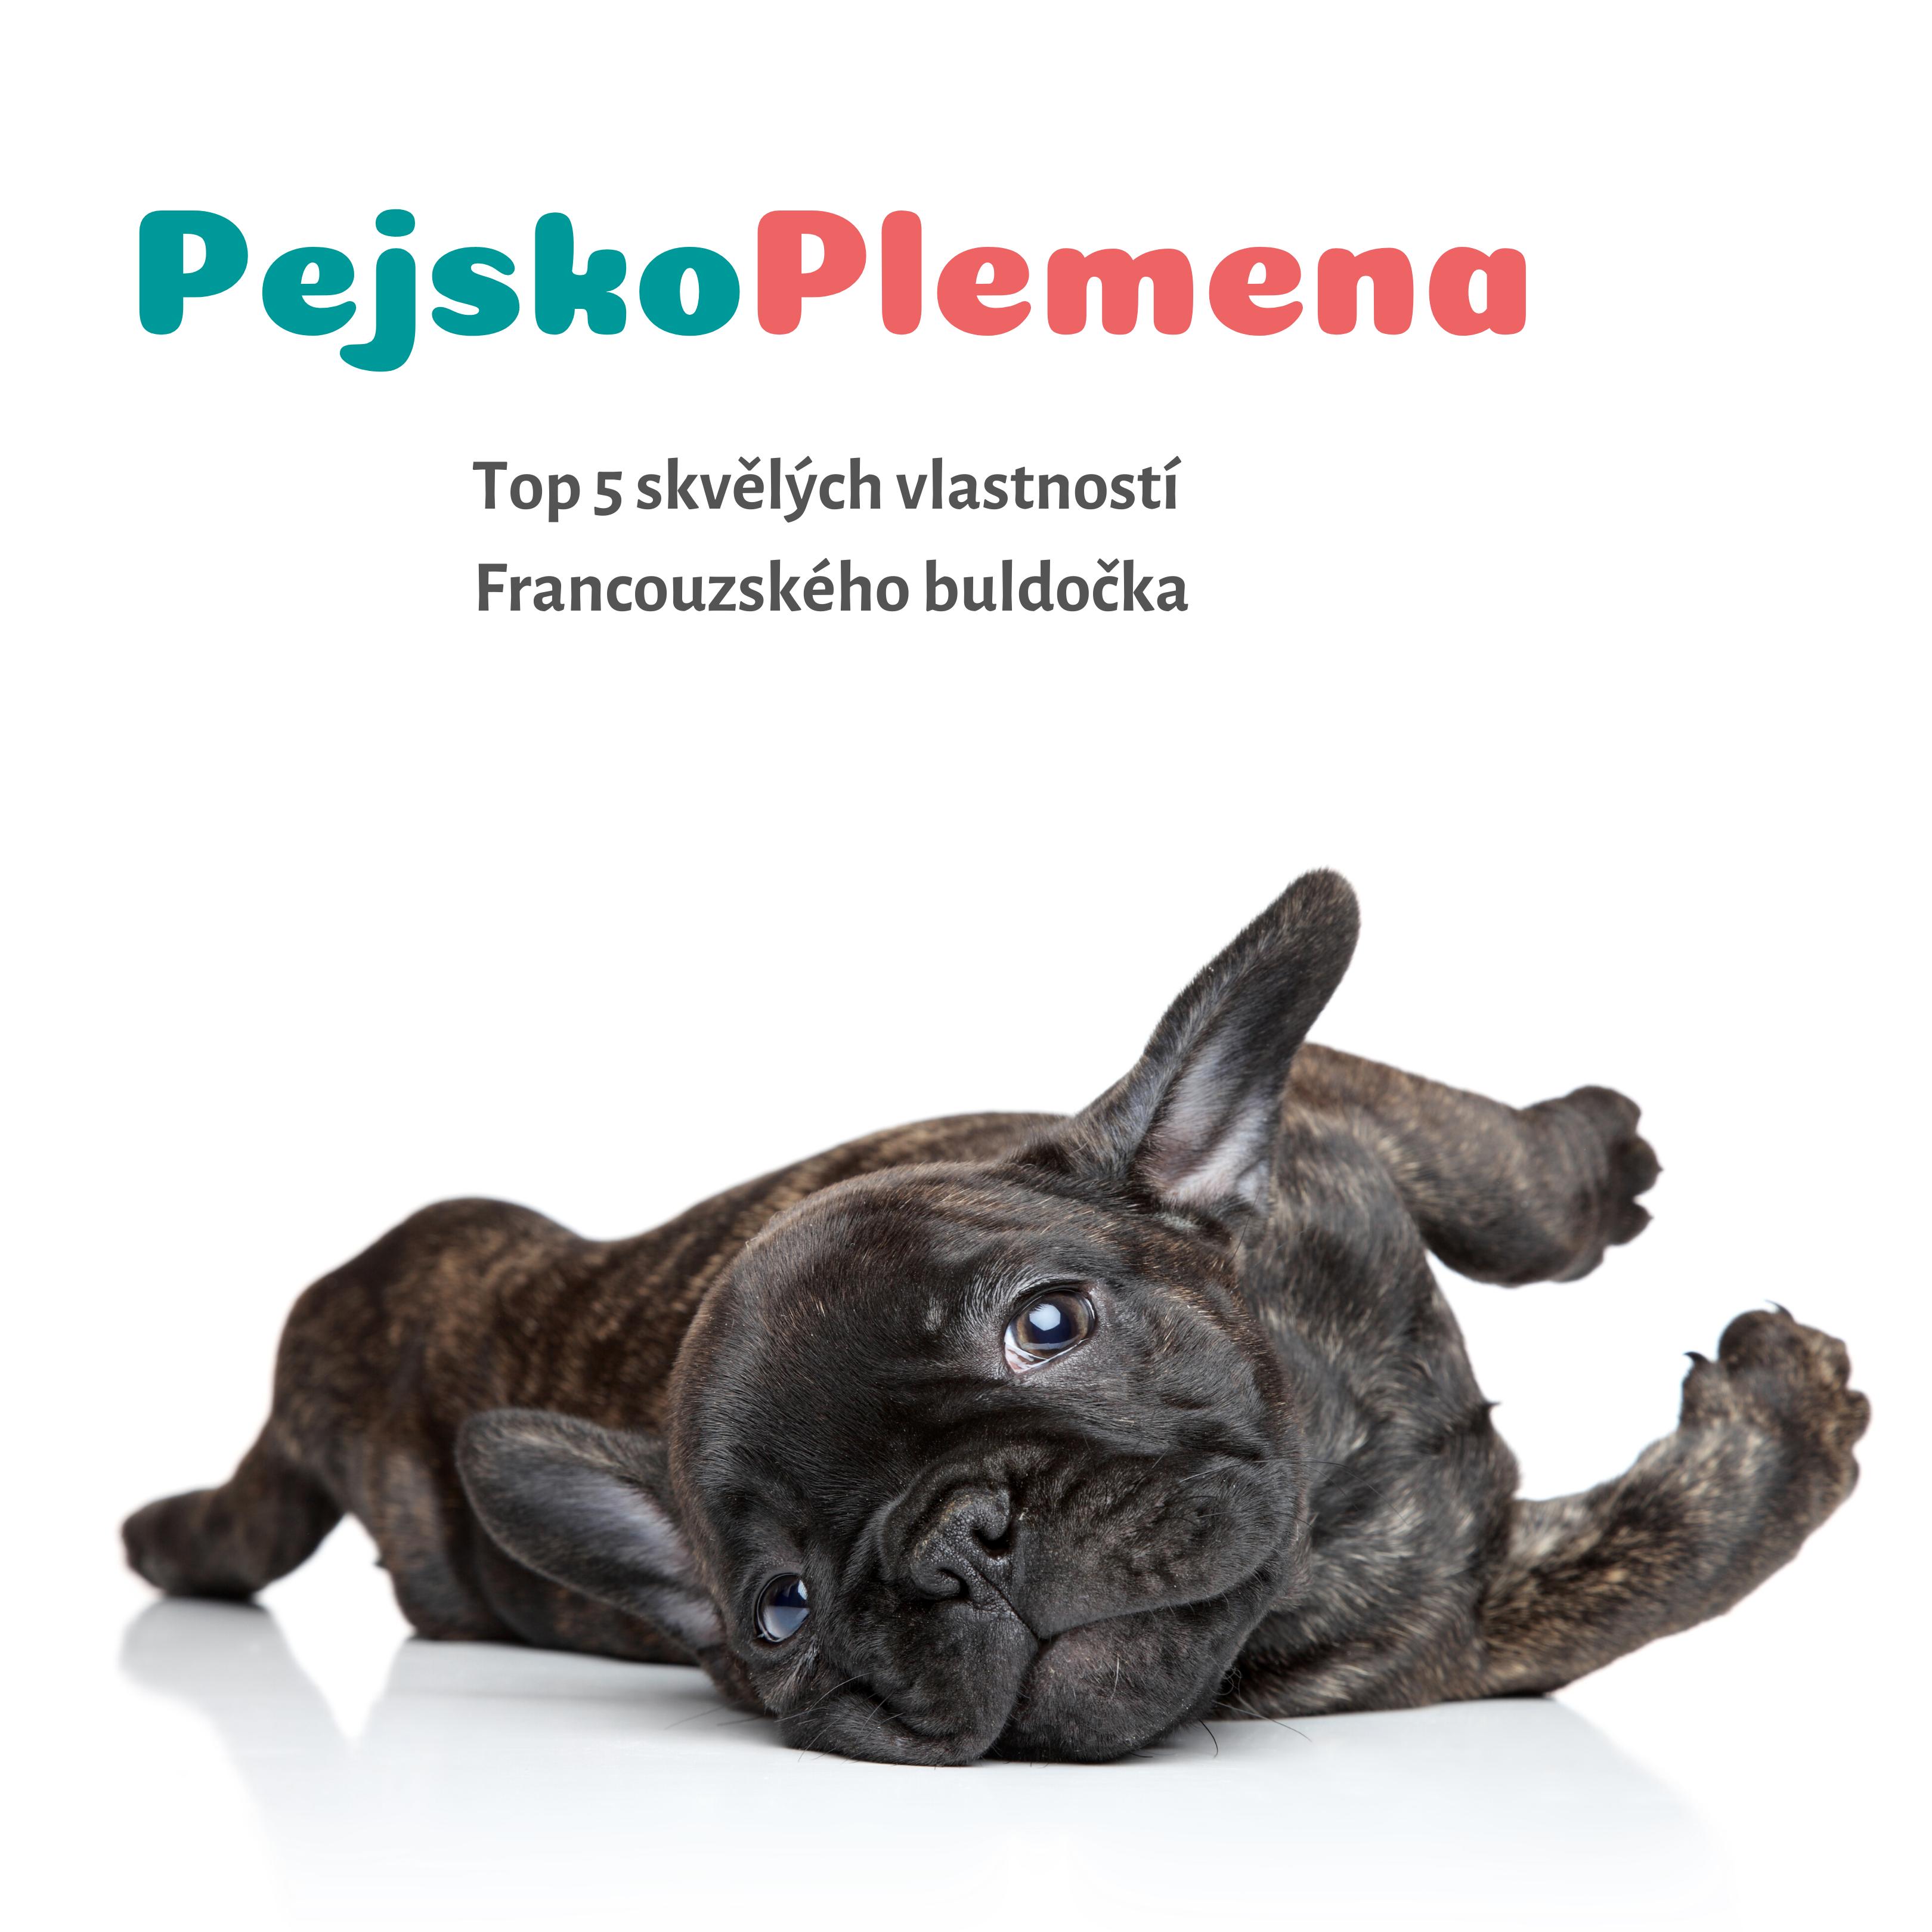 Top 5 skvělých vlastností FRANCOUZSKÉHO BULDOČKA